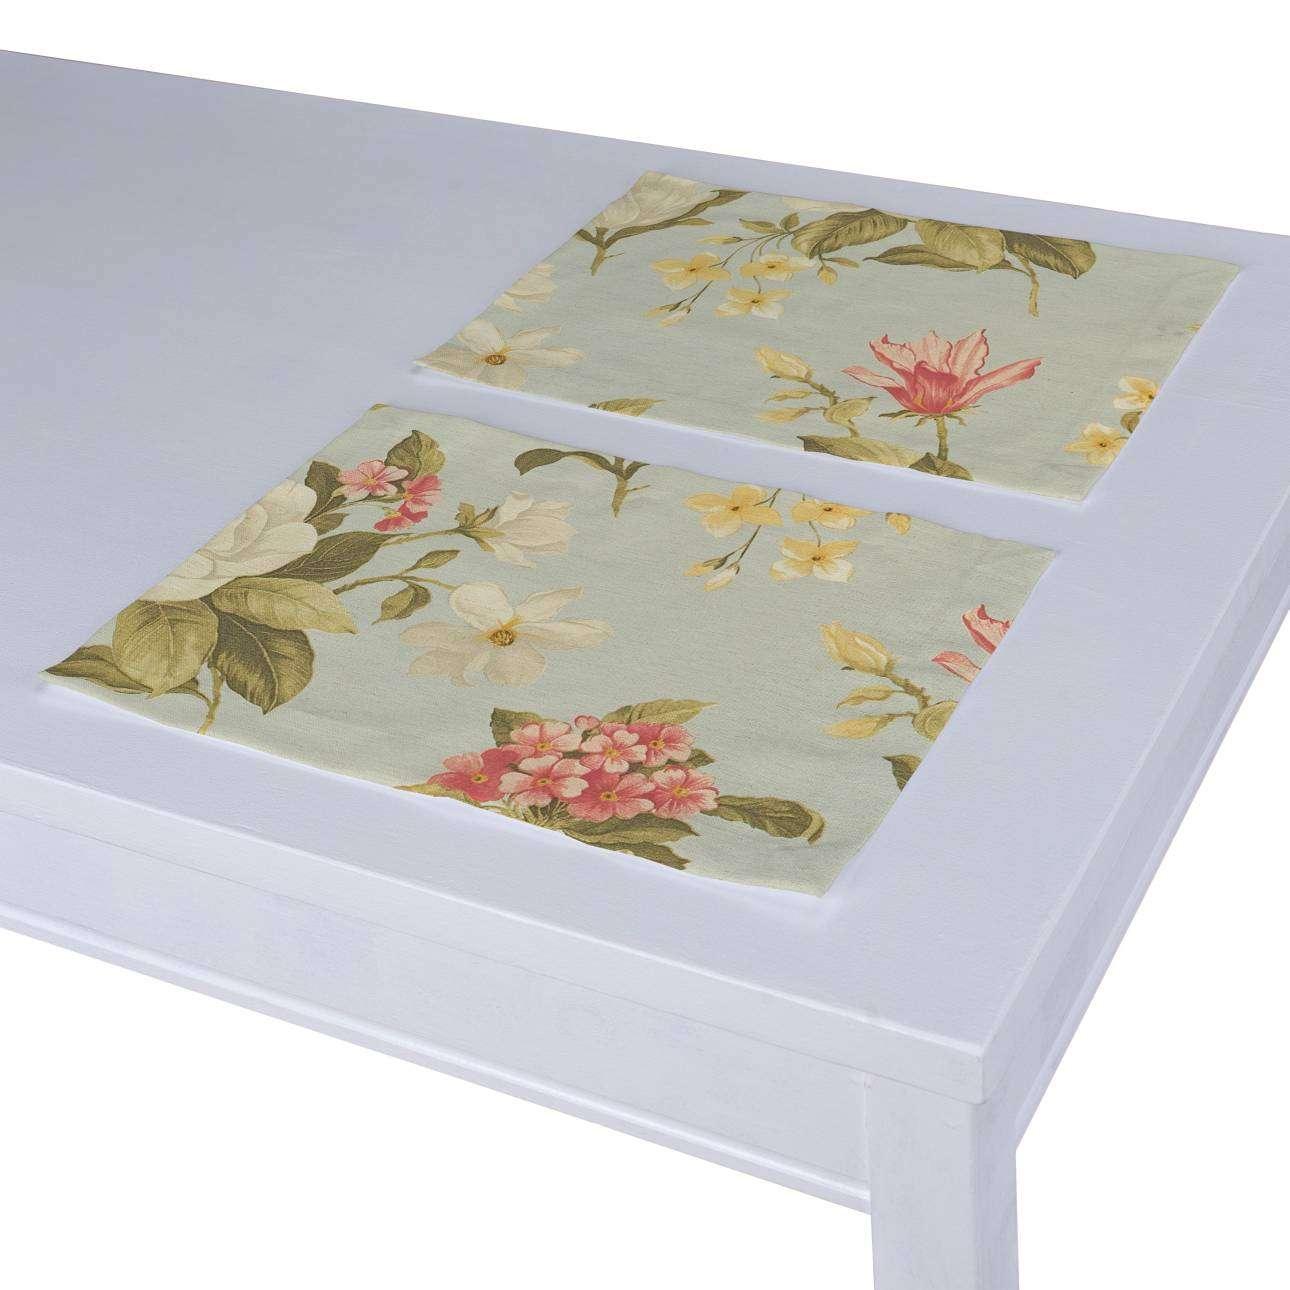 Stalo servetėlės/stalo padėkliukai – 2 vnt. 30 x 40 cm kolekcijoje Londres, audinys: 123-65